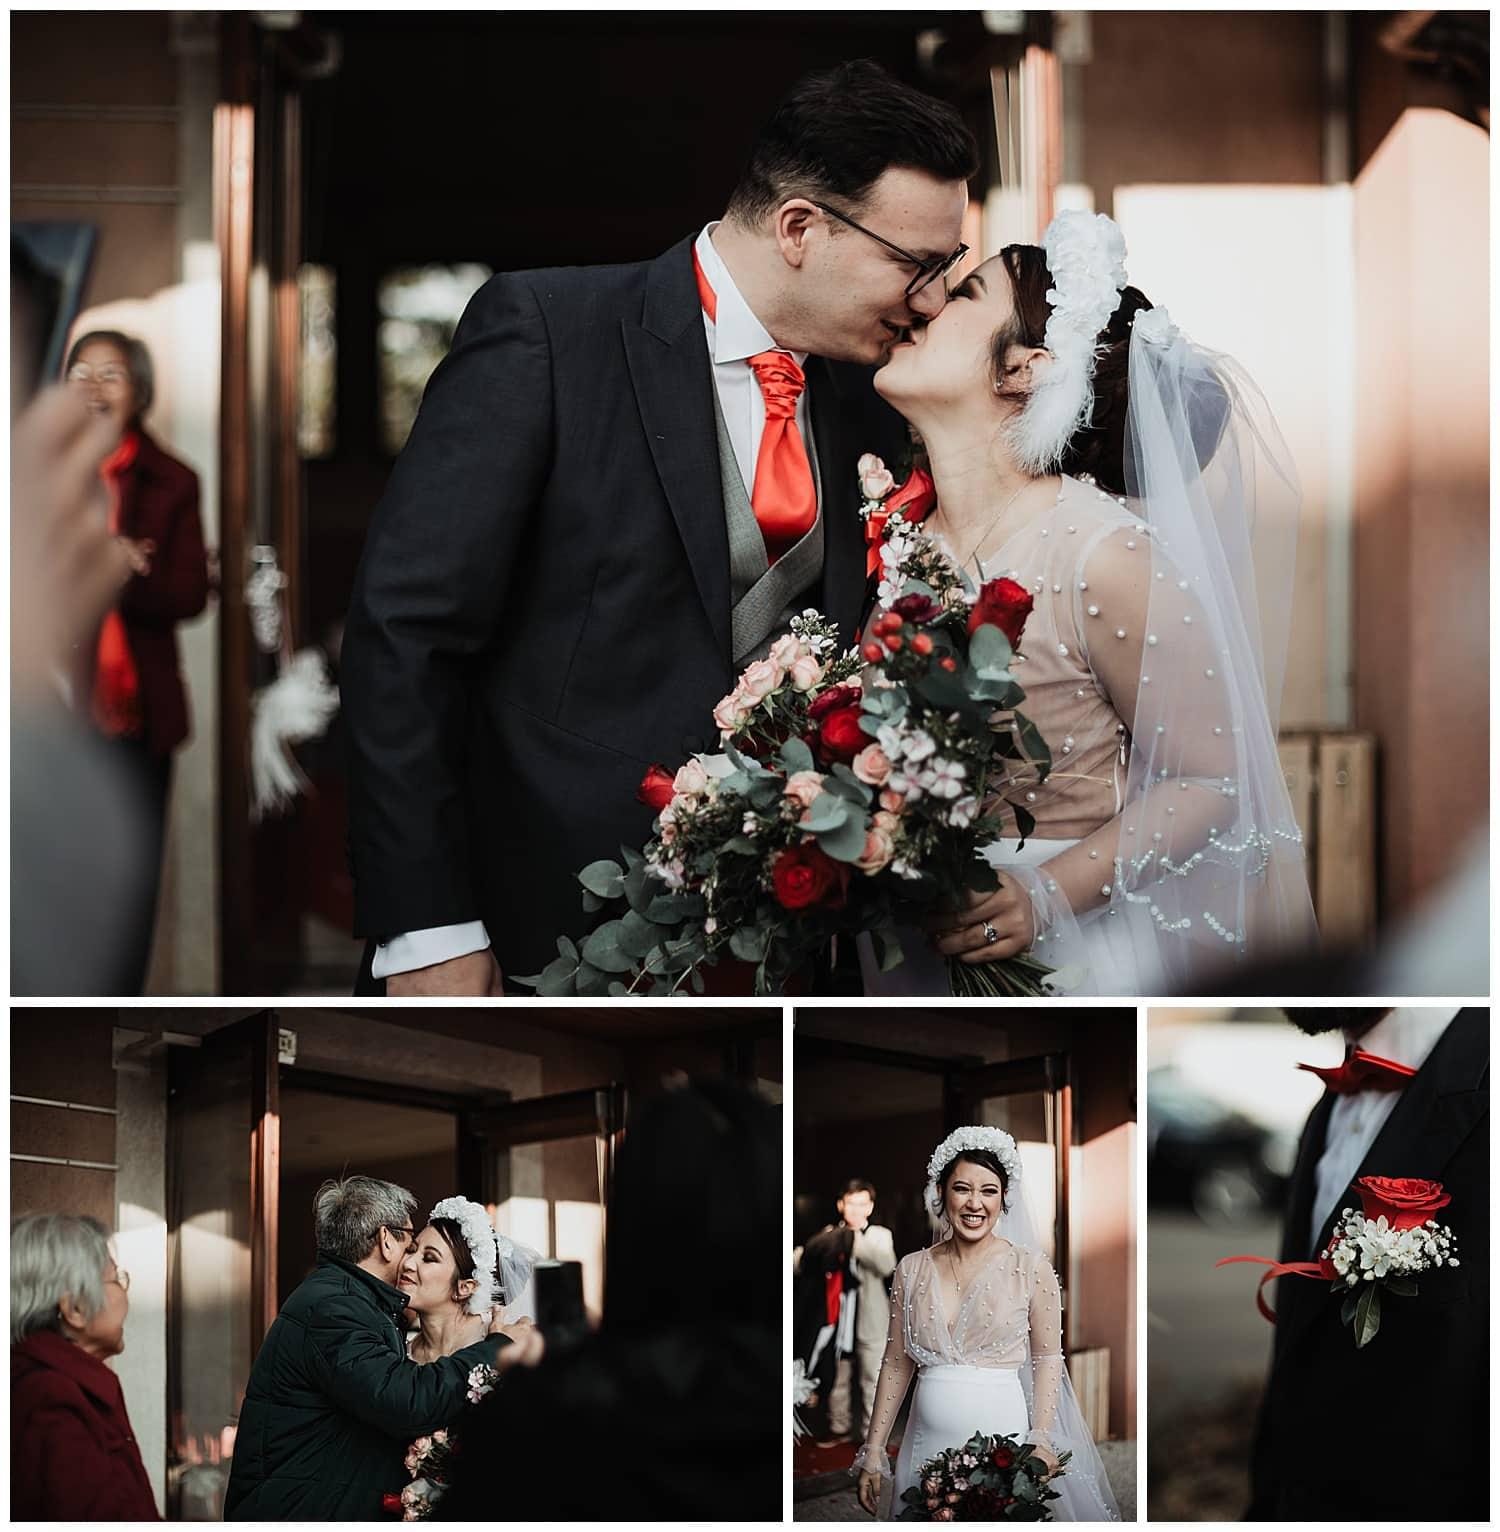 mariage cérémonie Laïque Haute-Savoie